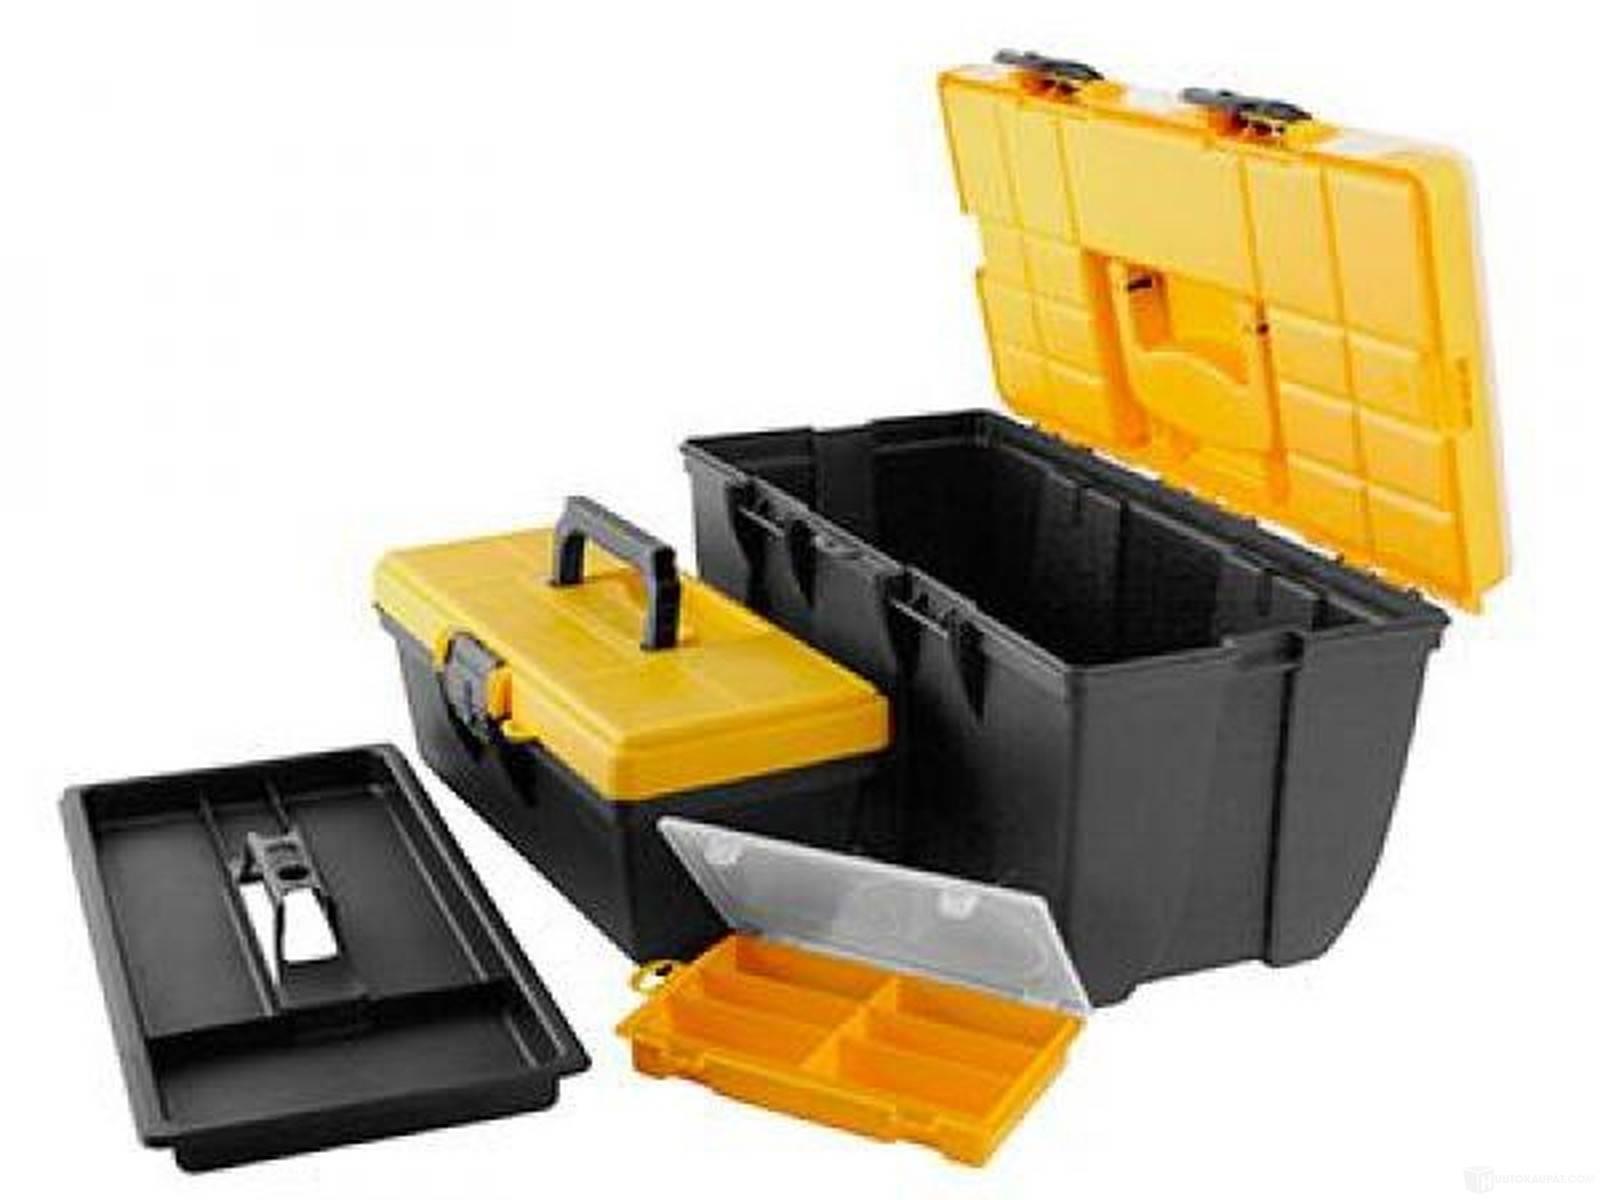 Promo, dimartino toolbox työkalupakkisarja